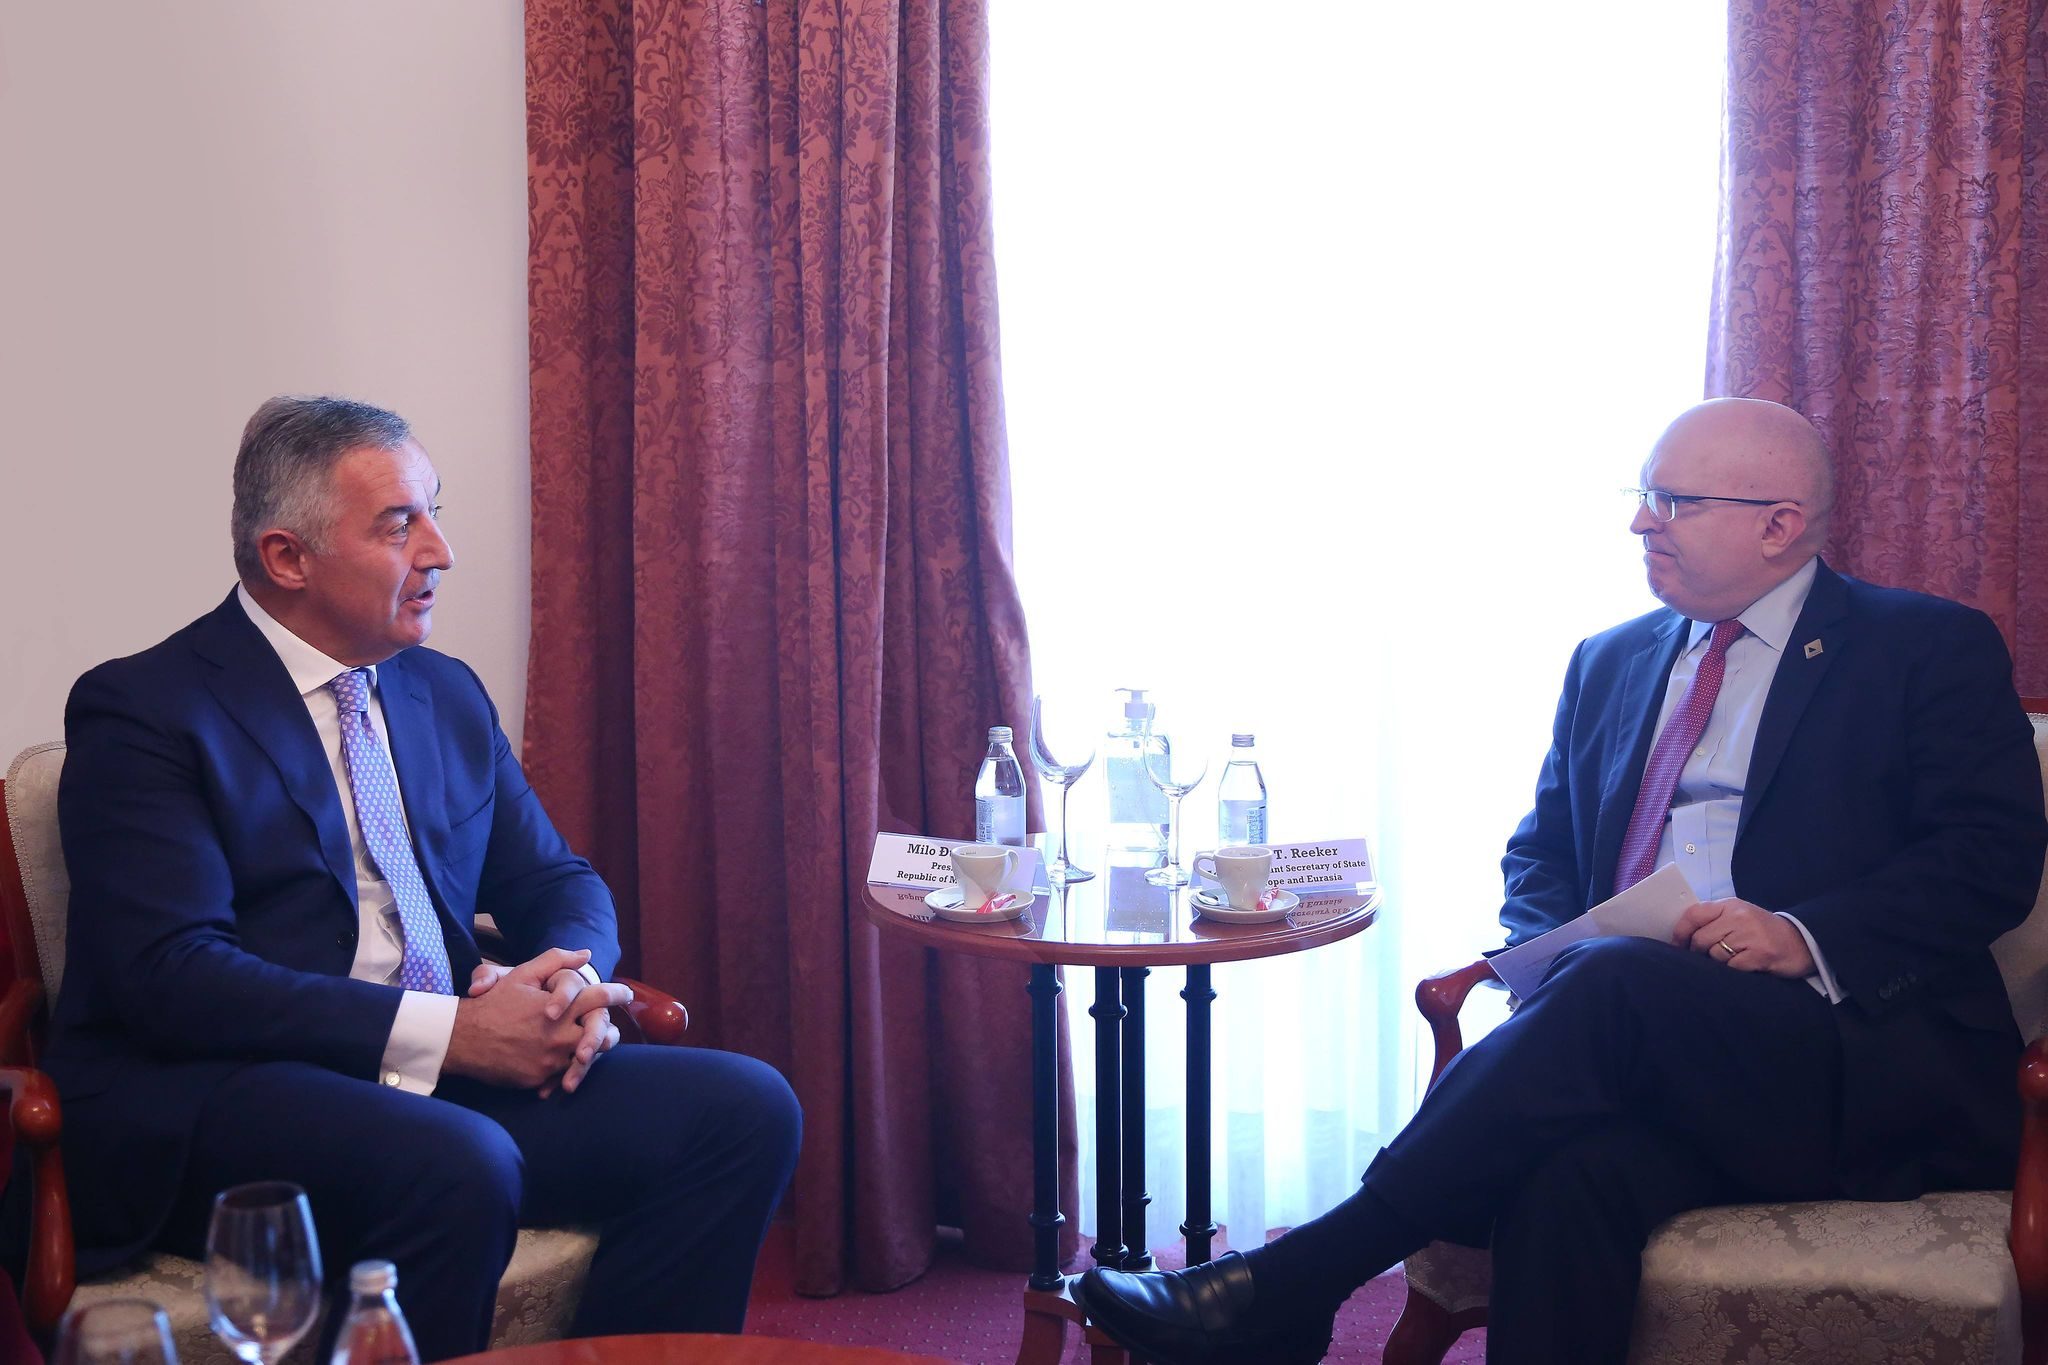 Μαυροβούνιο: Ο Đukanović συναντήθηκε με τον Reeker στην Οχρίδα